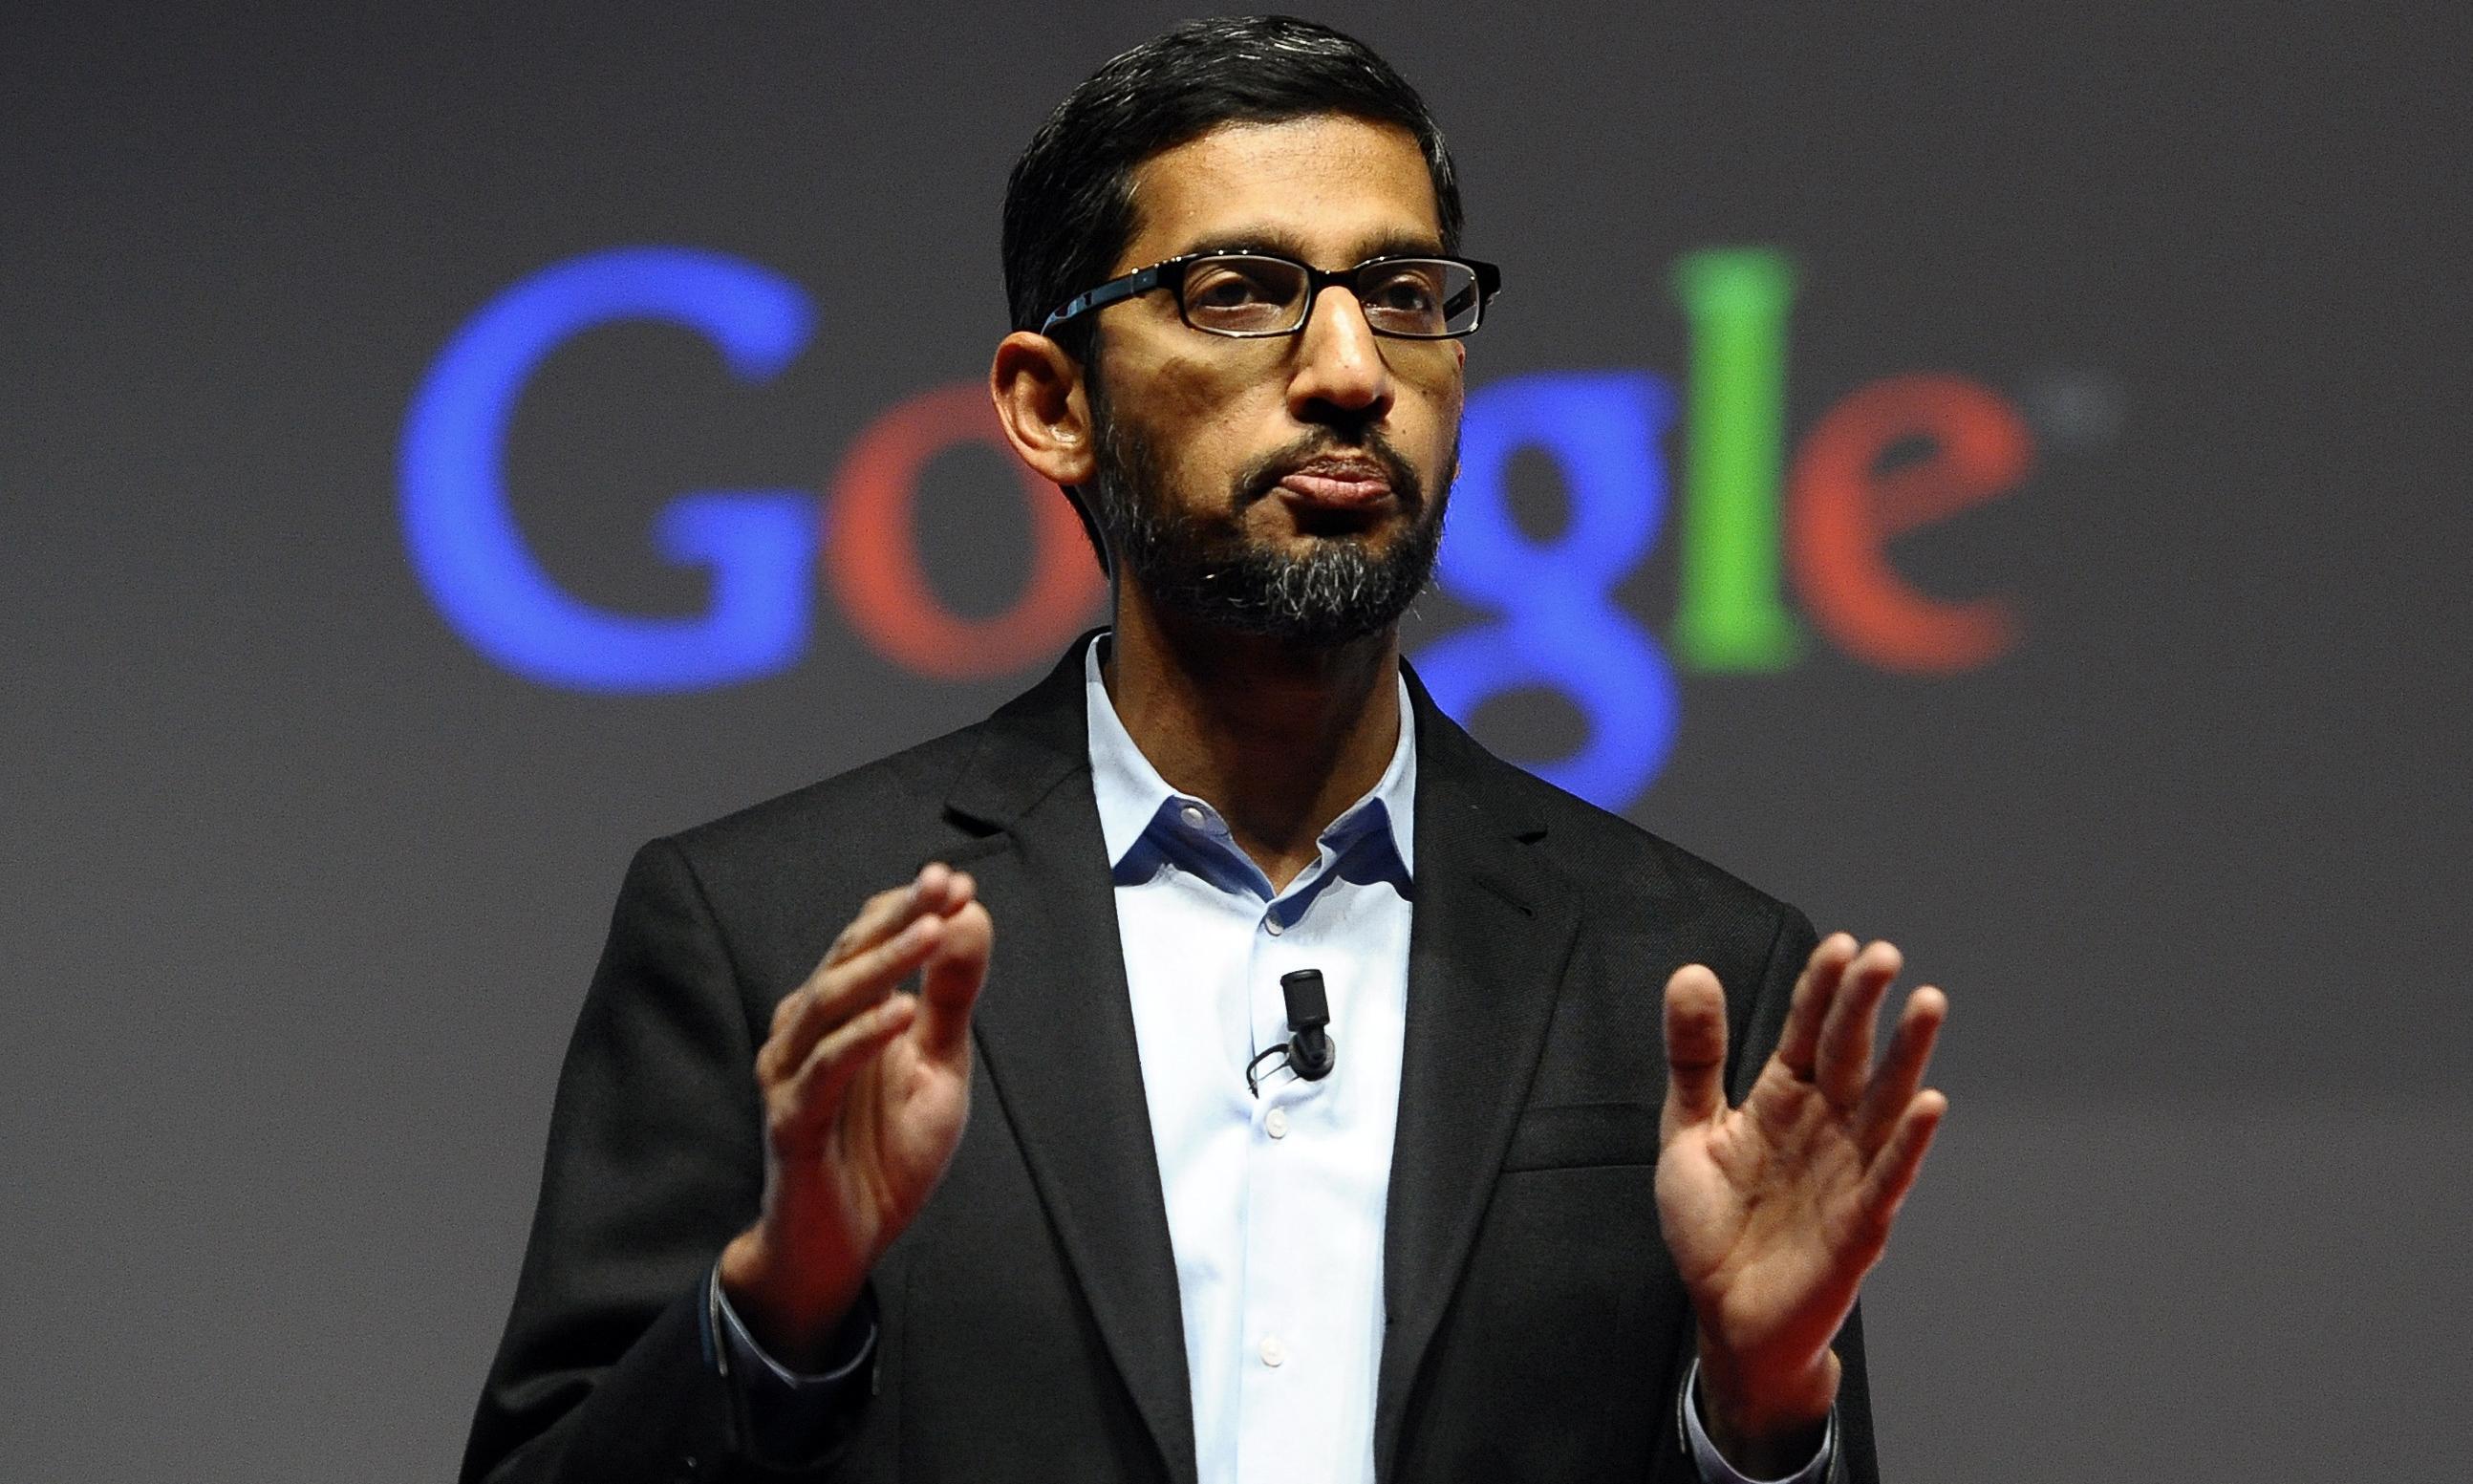 Sundar Pichai: Google rising star reaches the top (like his teacher said he would)